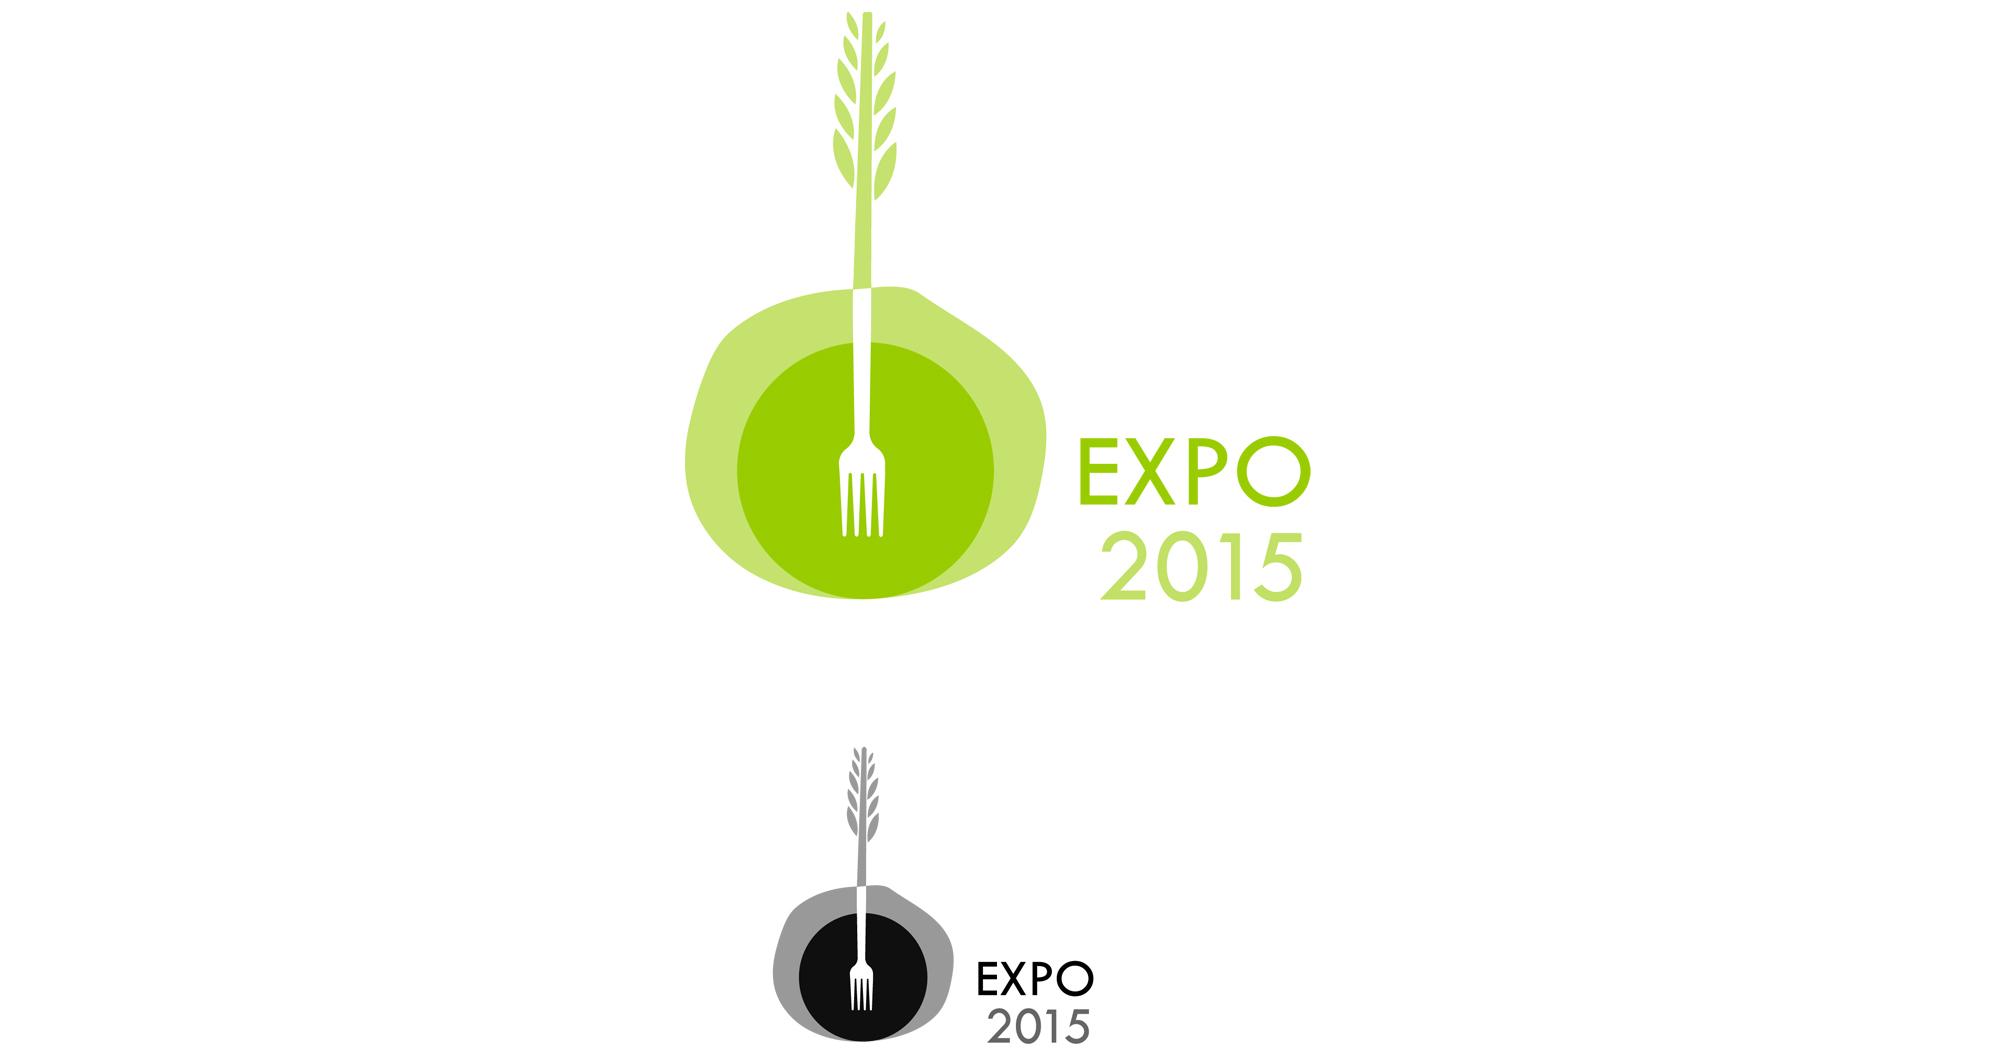 EXPO 2015 logotype